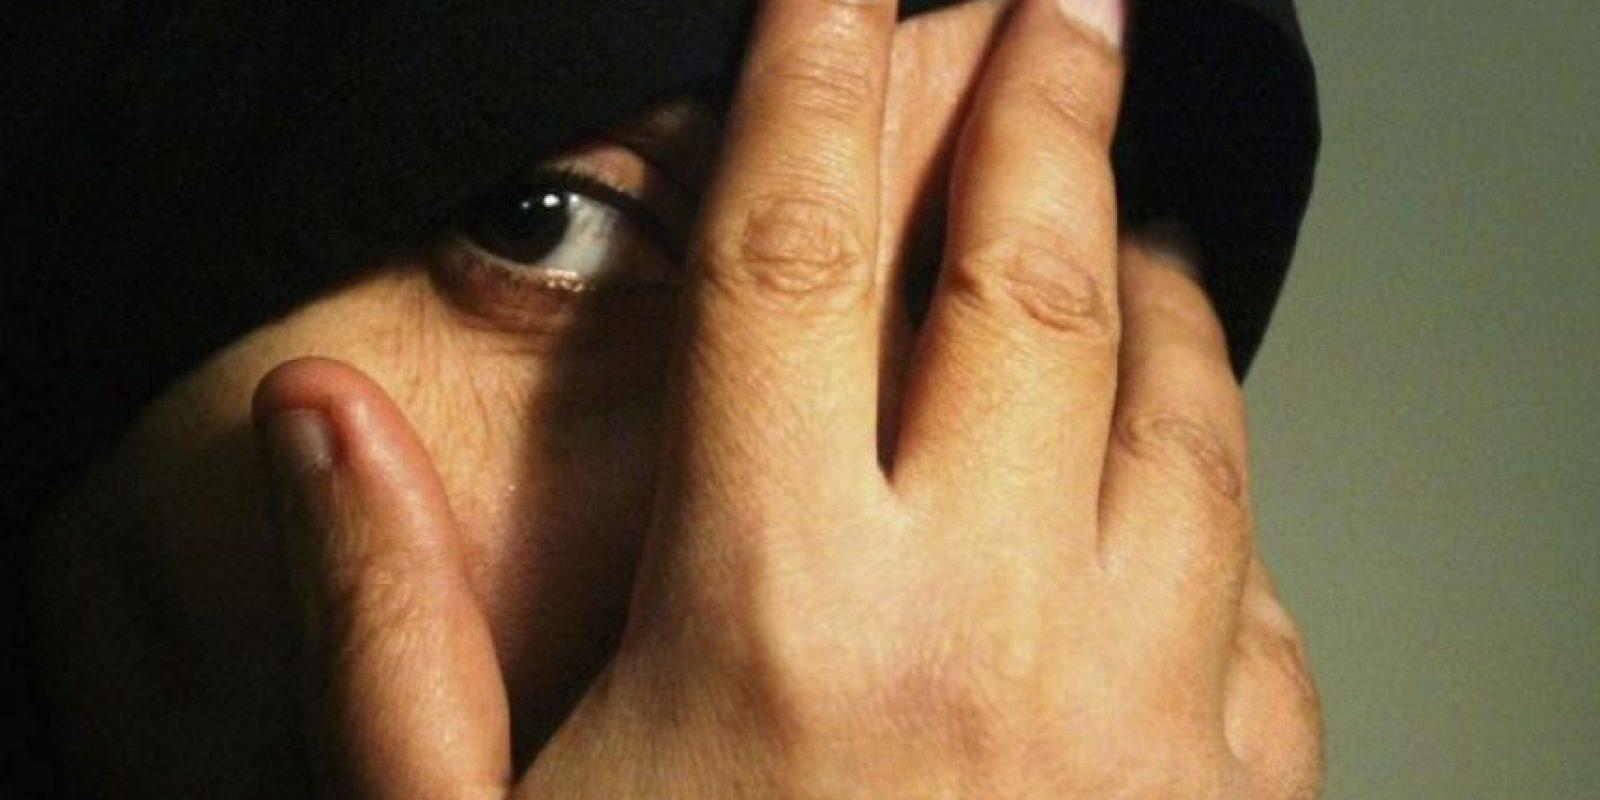 Esta guía fue difundida por el Centro de Control de la Amenaza Yihadista y Terrorista (JMMT), con sede en Washington DC, Estados Unidos Foto:Getty Images